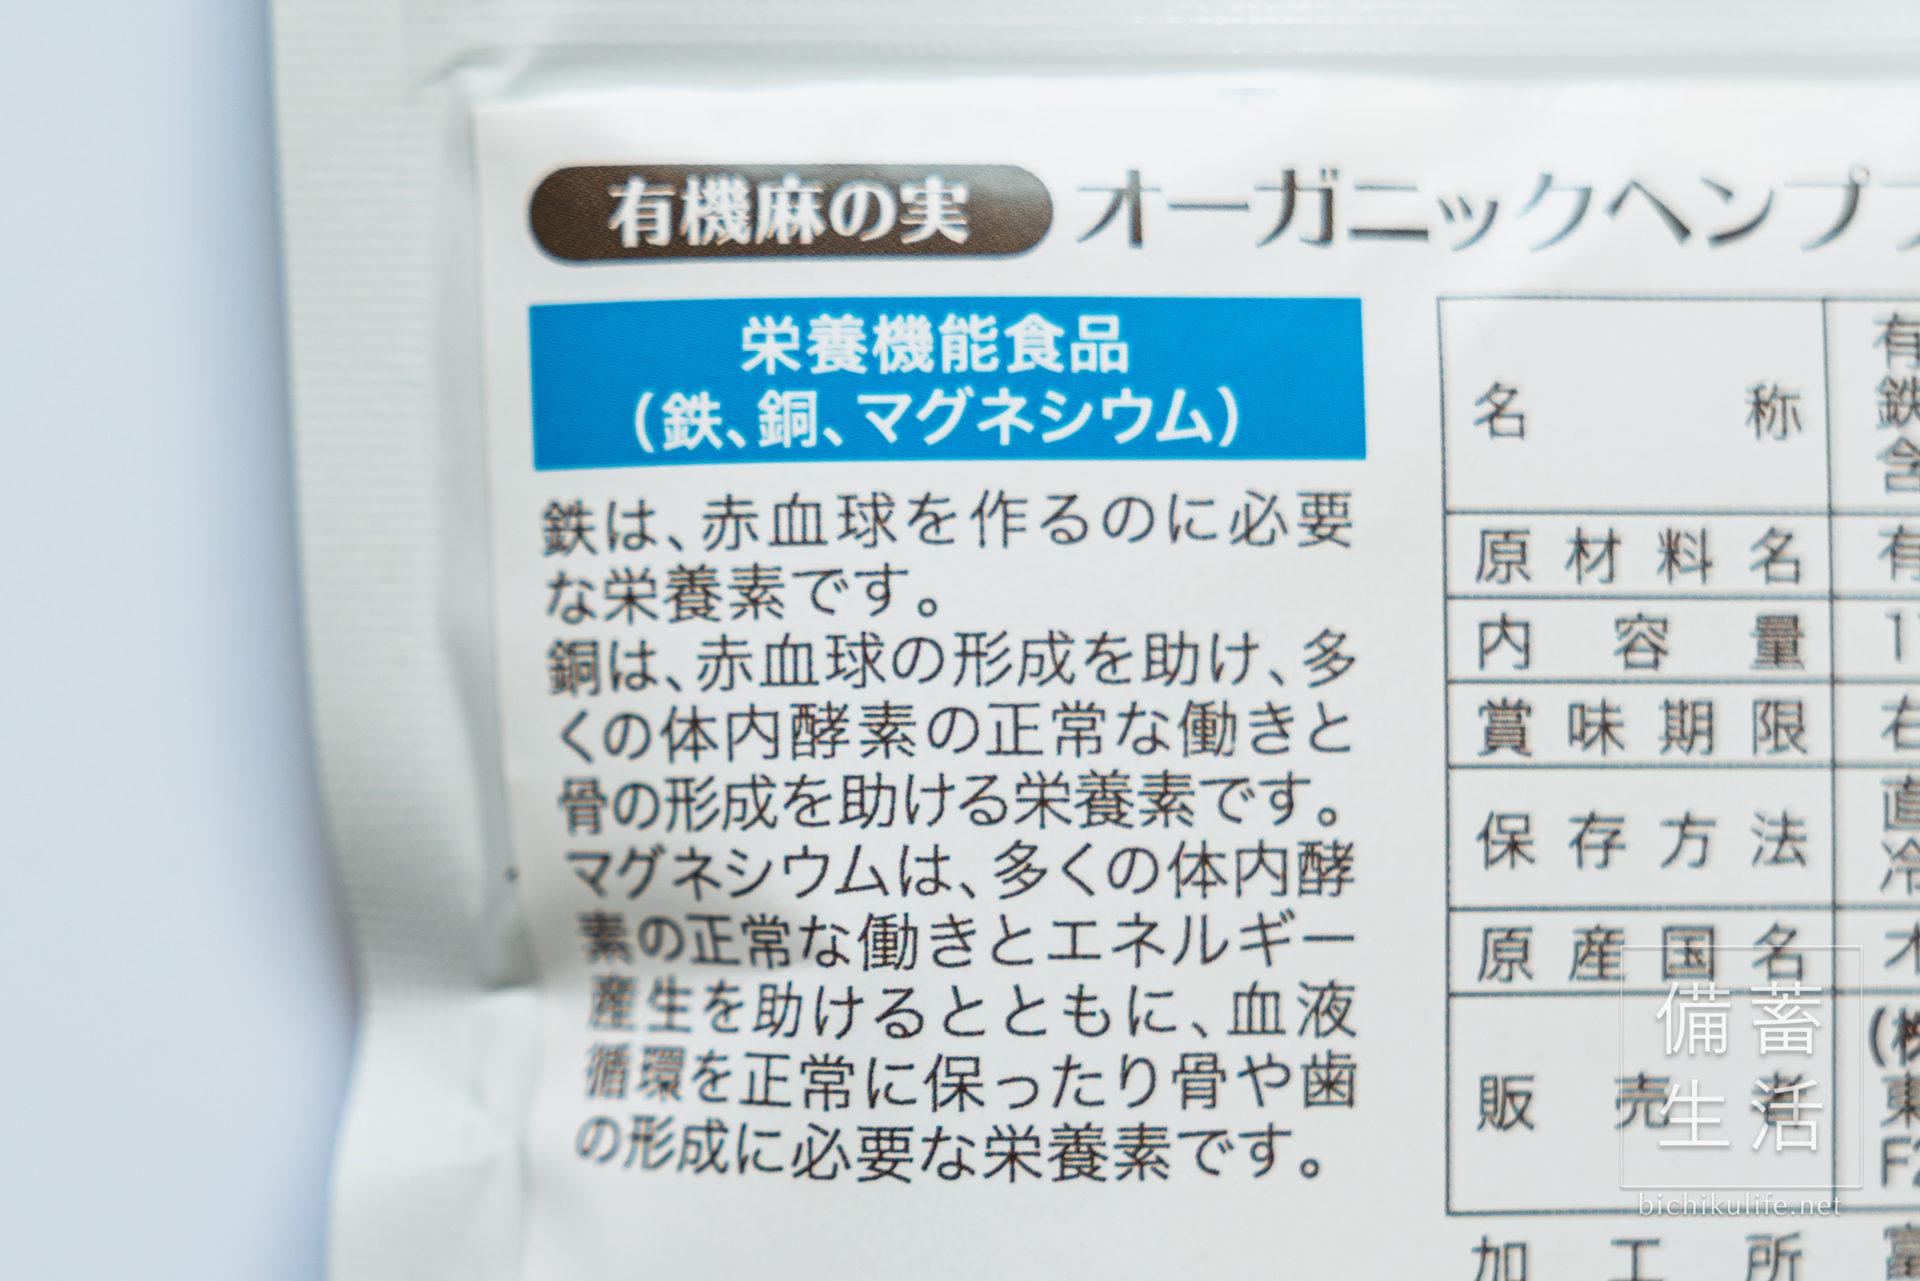 ヘンプフーズジャパンのオーガニックヘンププロテインパウダー(有機麻の実)の成分概要